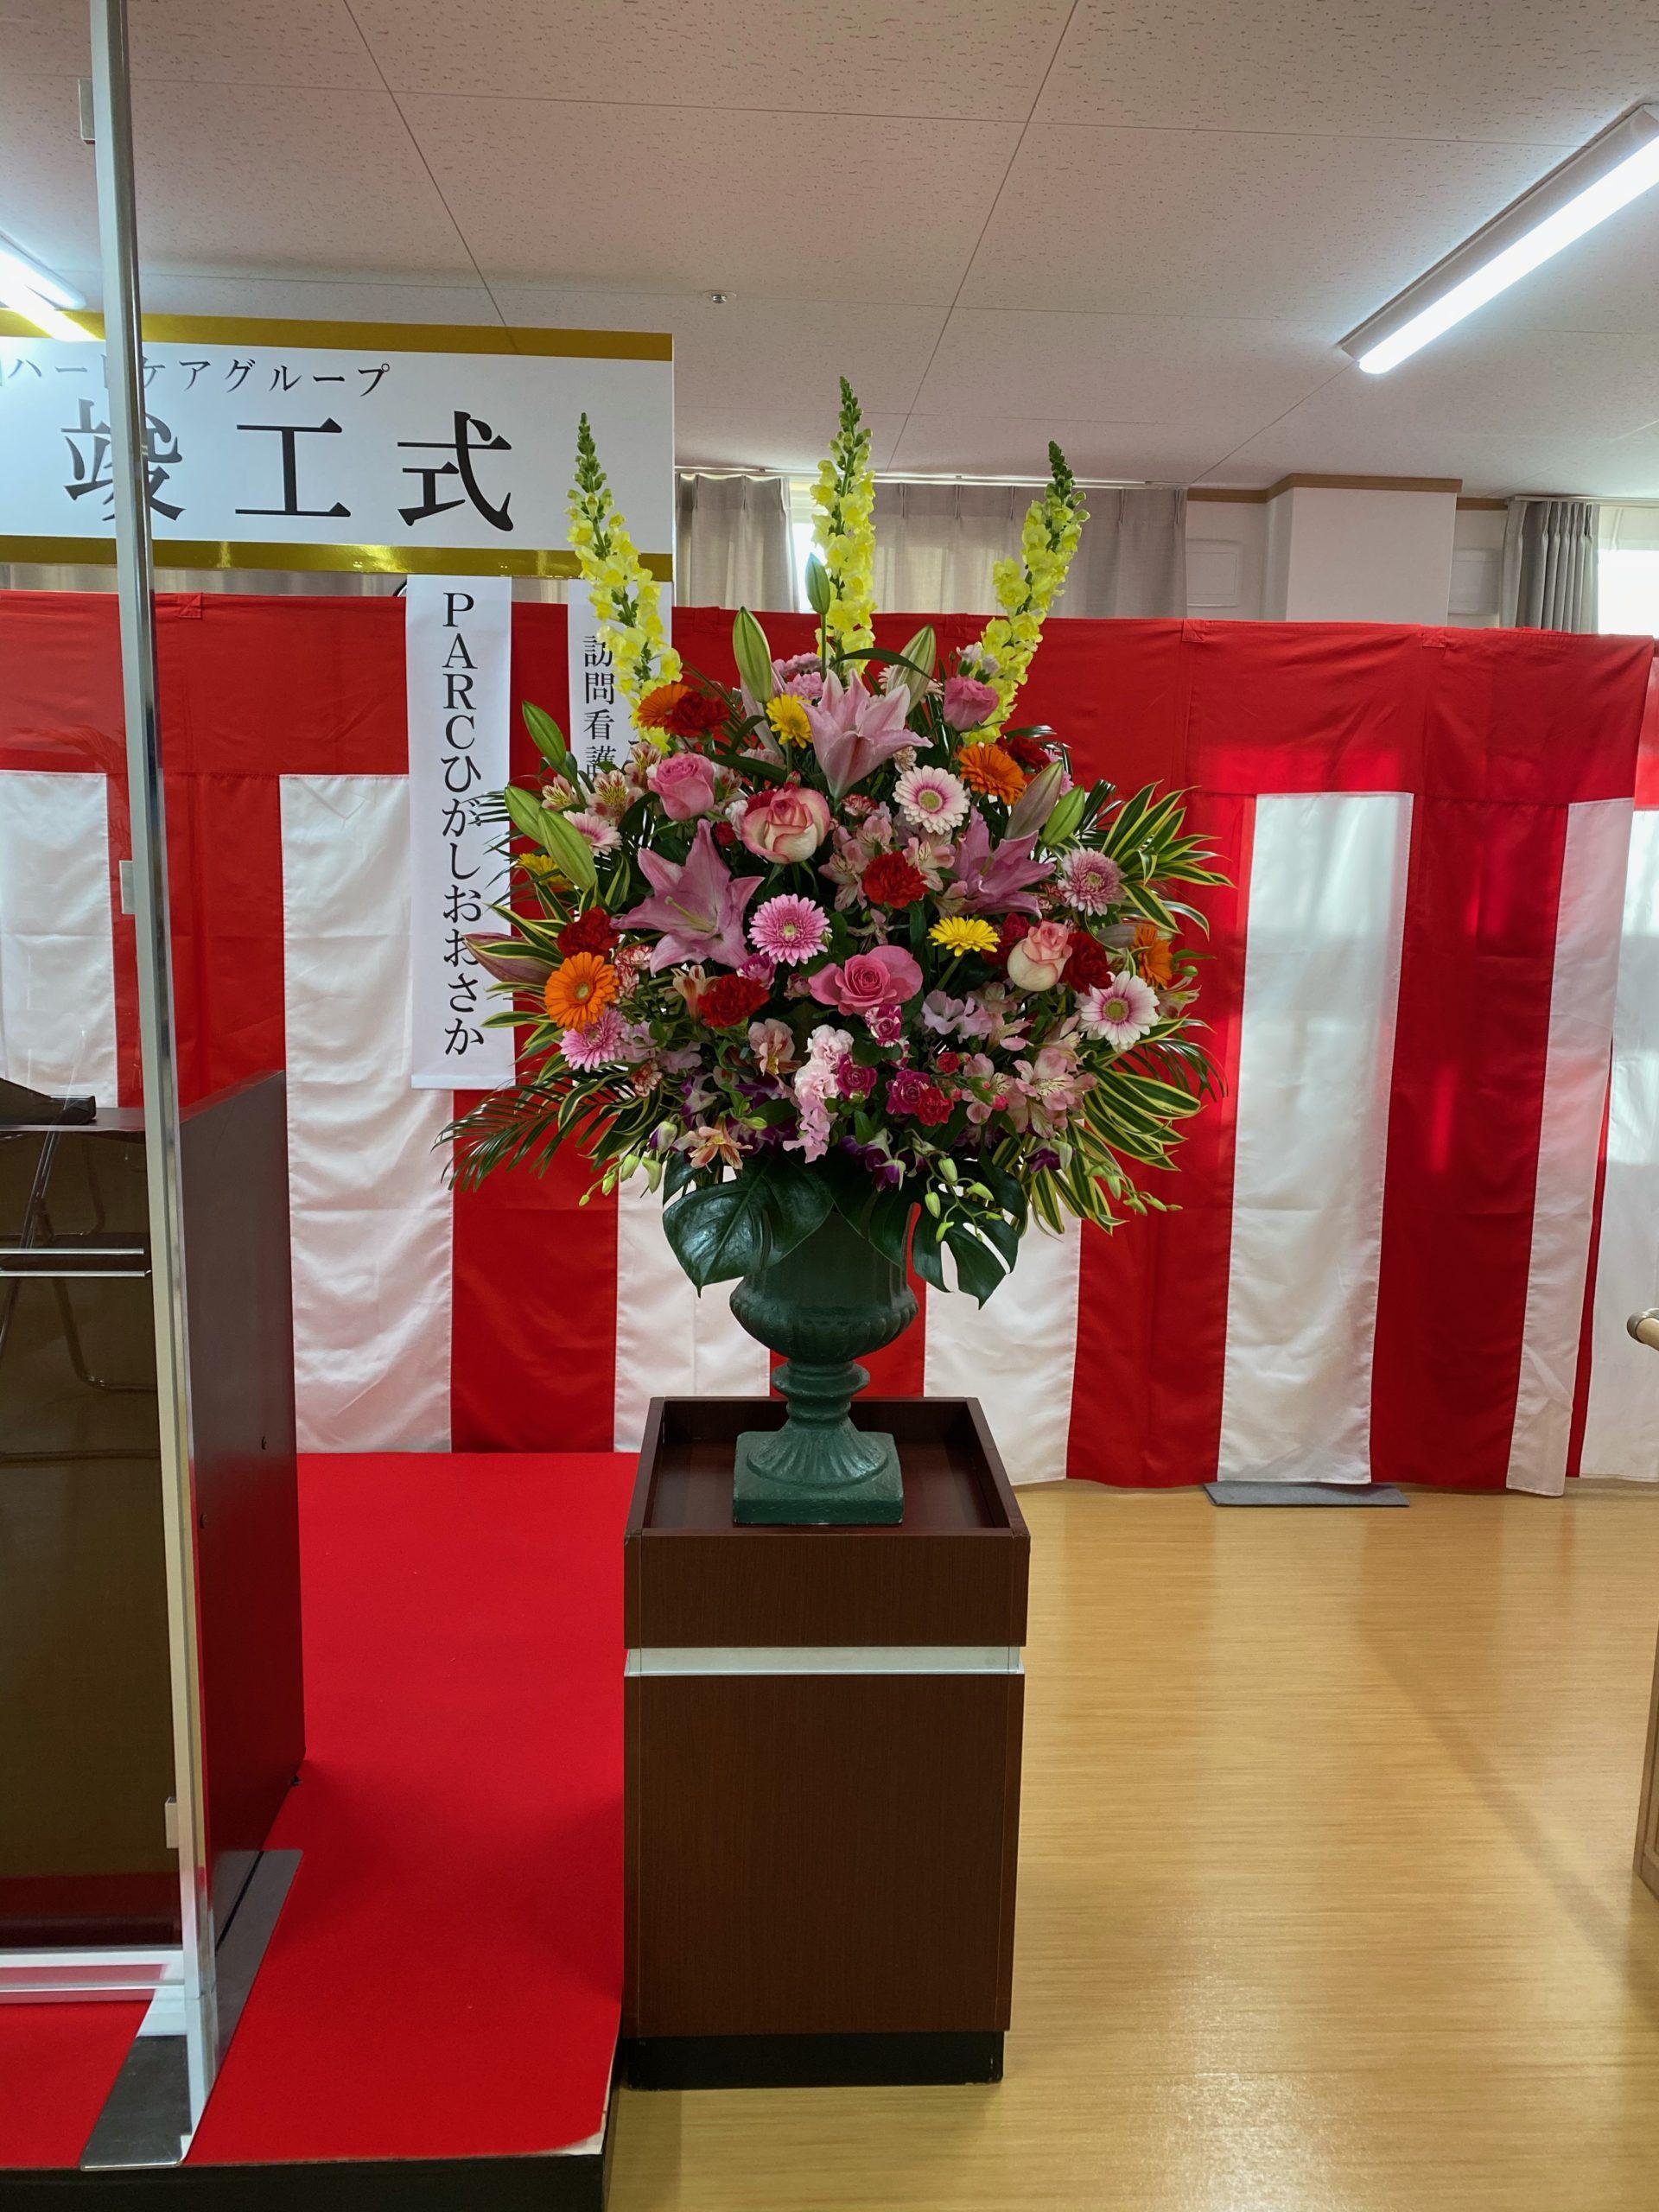 大阪で式典花をお求めの方!イベント21へお任せください。